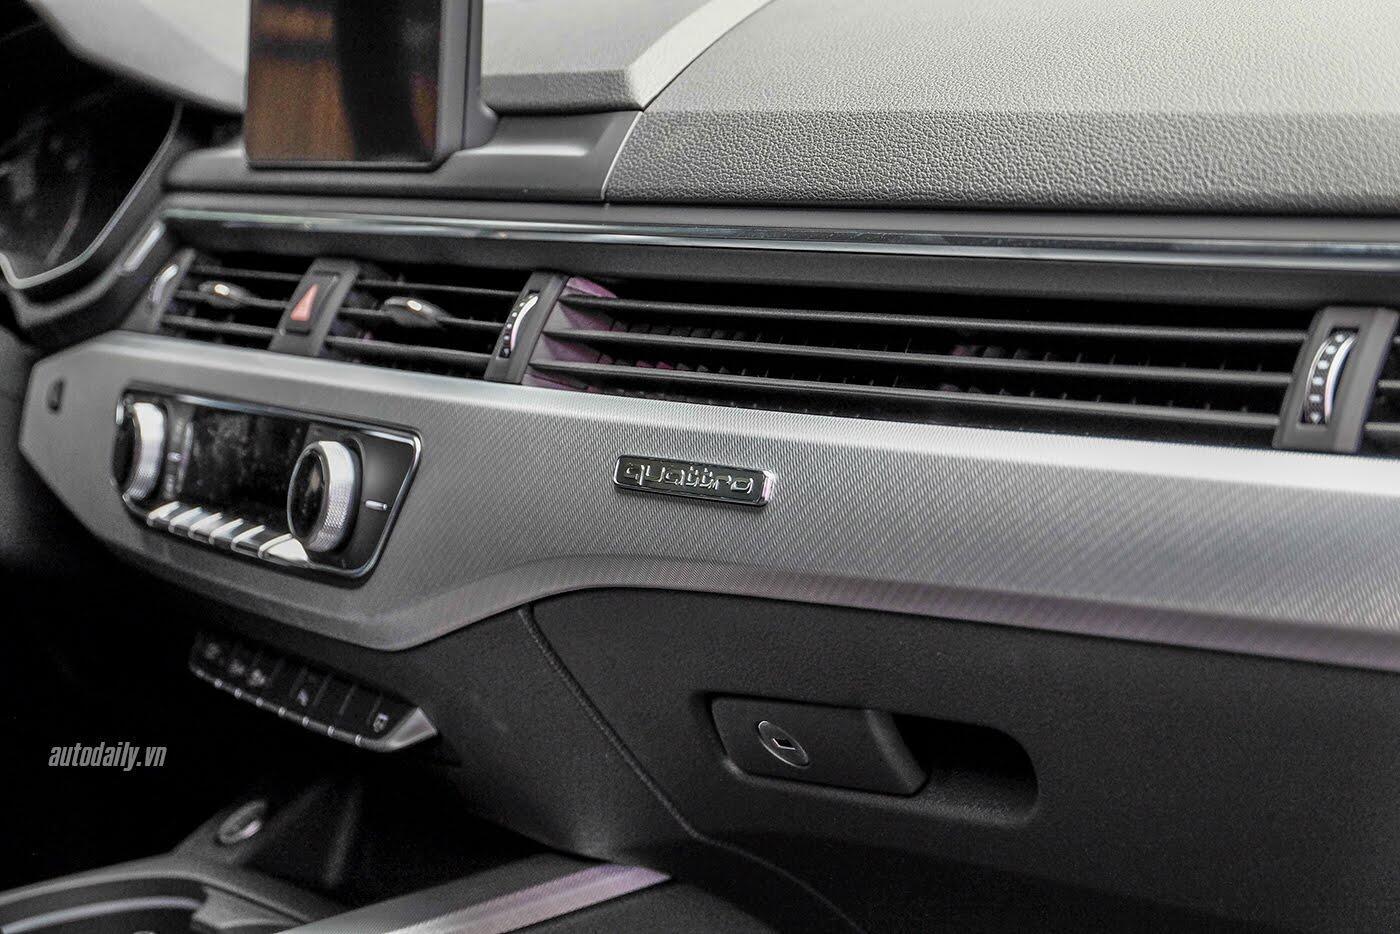 Audi A5 Sportback 2017 chính thức ra mắt tại Việt Nam - Hình 9